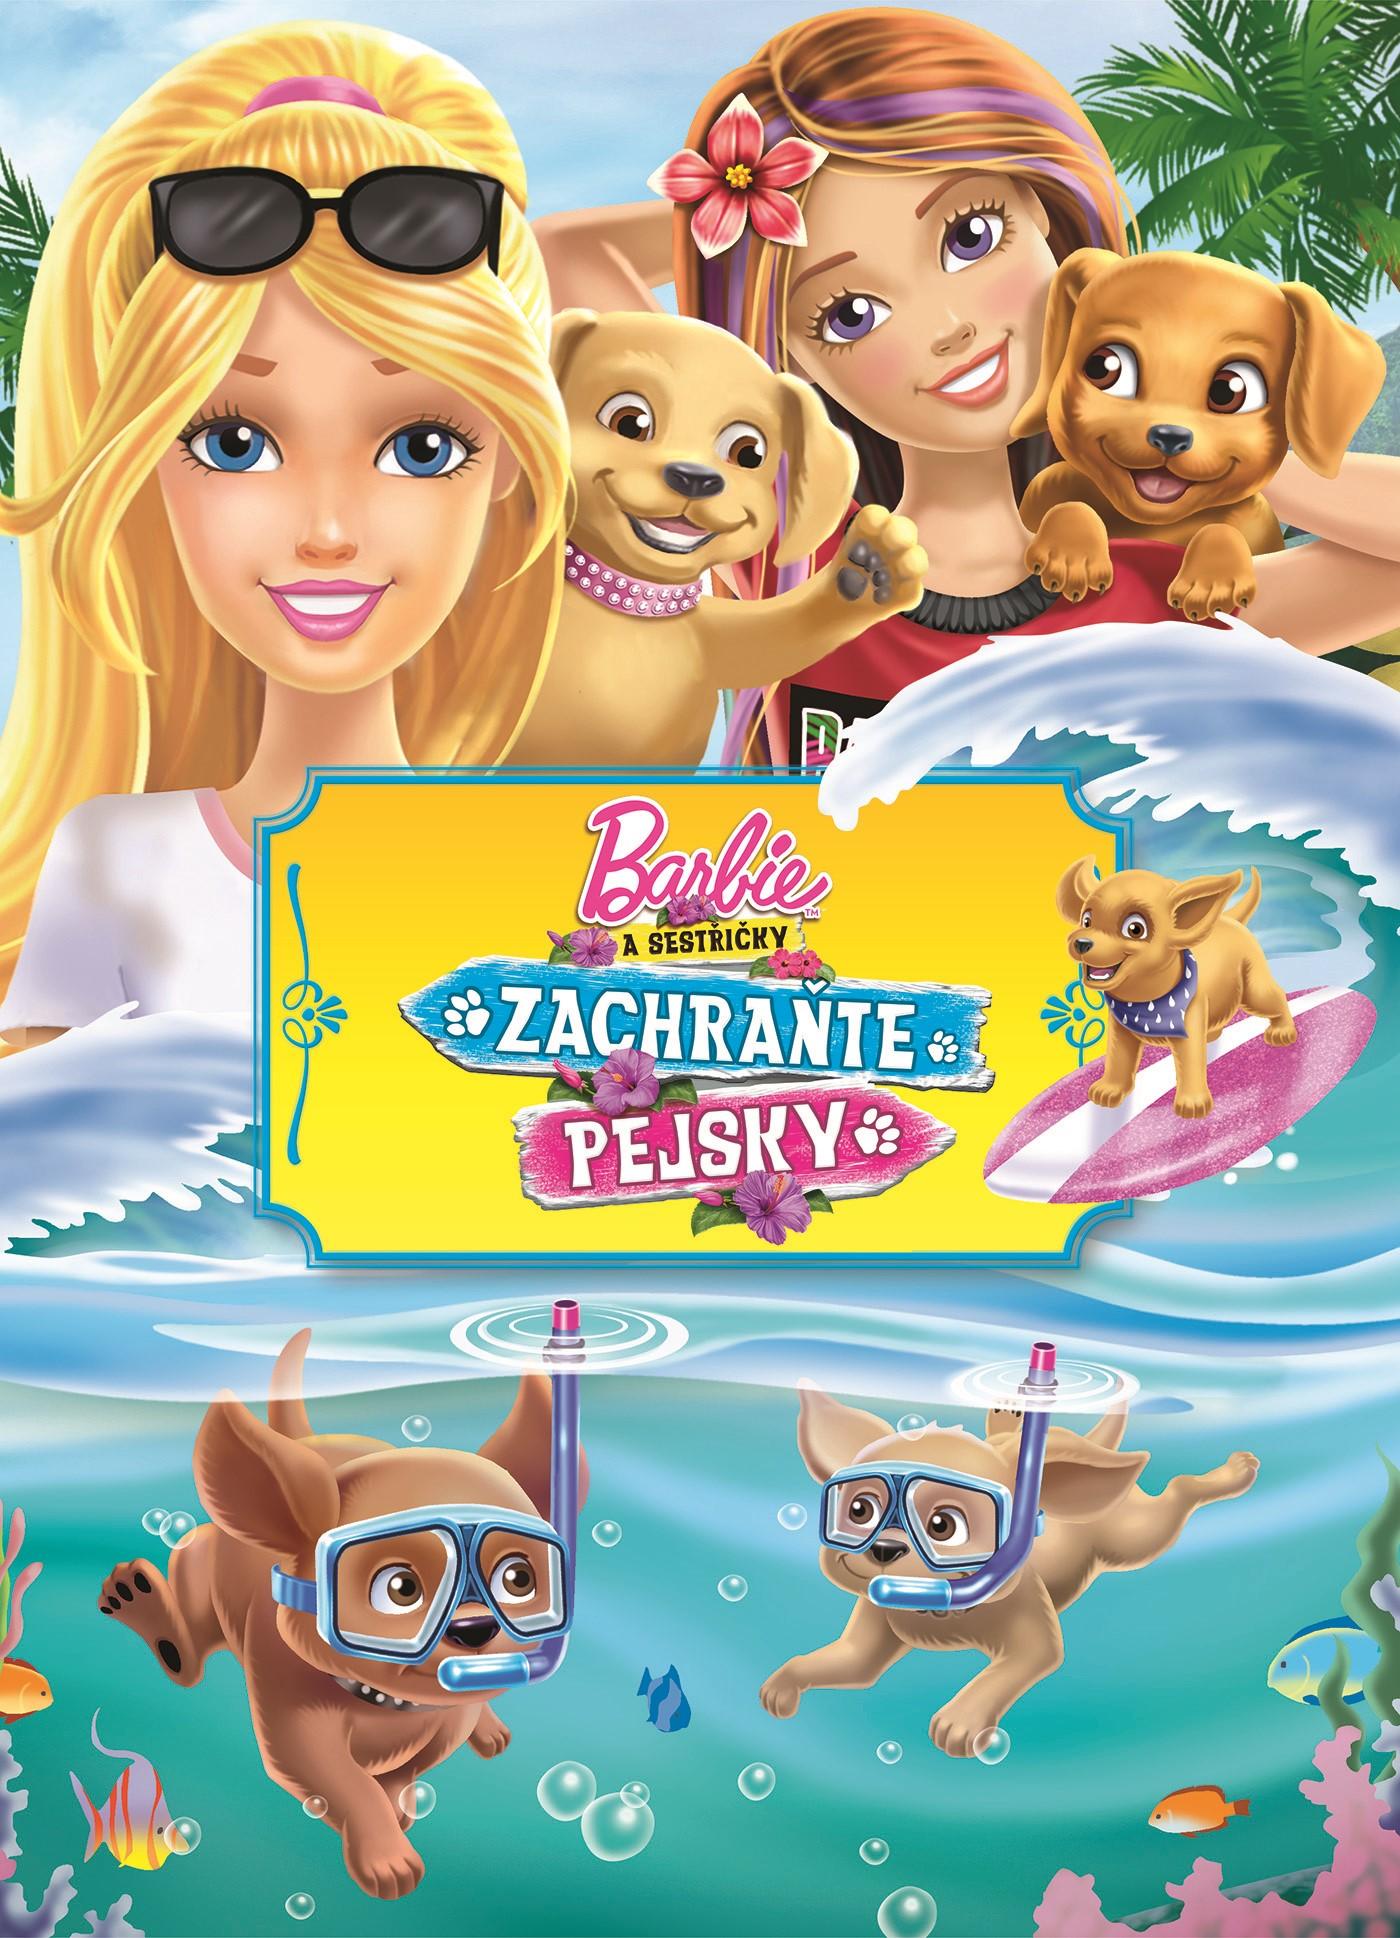 Barbie a sestřičky Zachraňte pejsky Filmový příběh